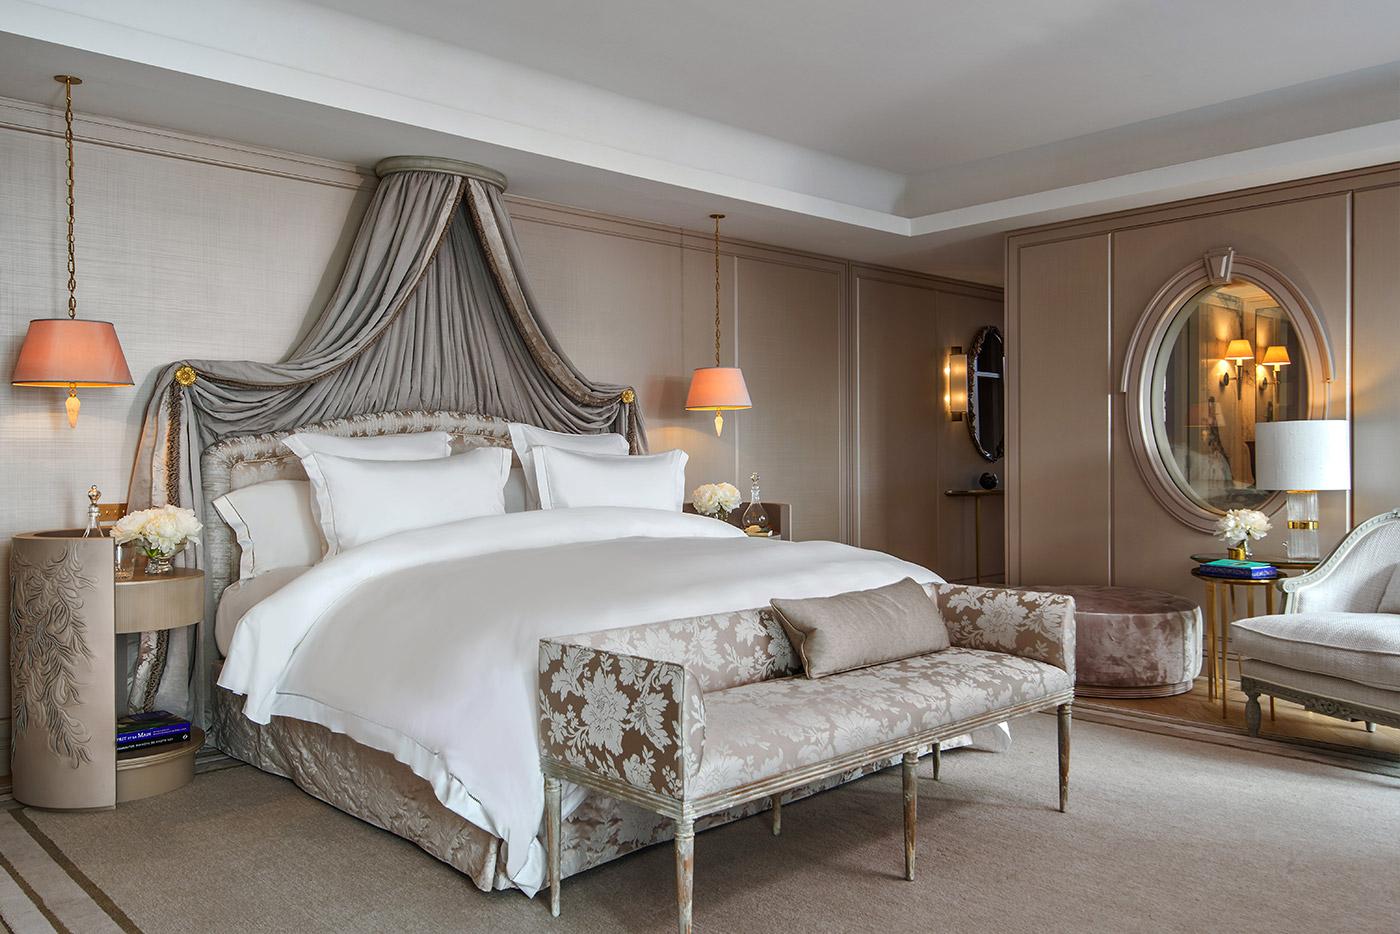 Hôtel De Crillon Hôtel De Crillon The Parisian Hôtel De Crillon Gets A Fashionable Renovation Hotel de Crillon Rosewood Paris Suite Marie Antoinette